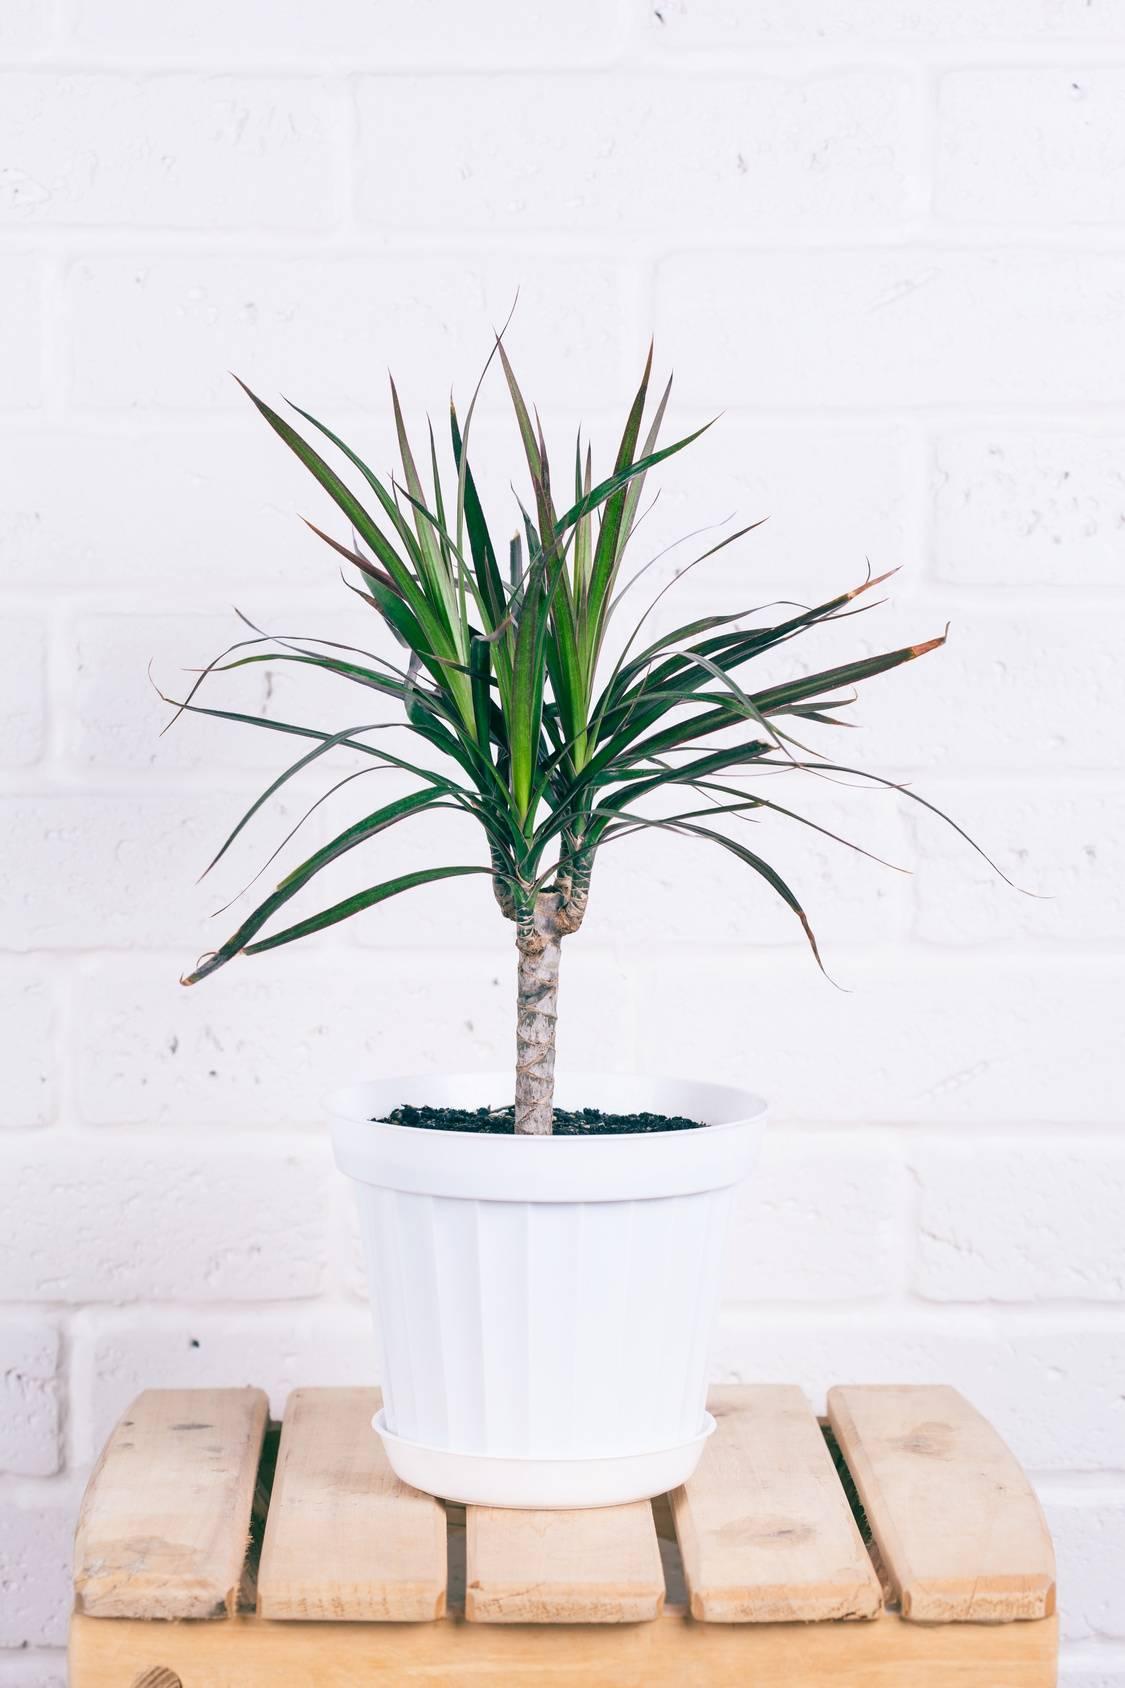 Dracena - trująca roślina doniczkowa. Dracena w białej plastikowej doniczce stoi na drewnianym stołku na tle białej ściany z cegły.